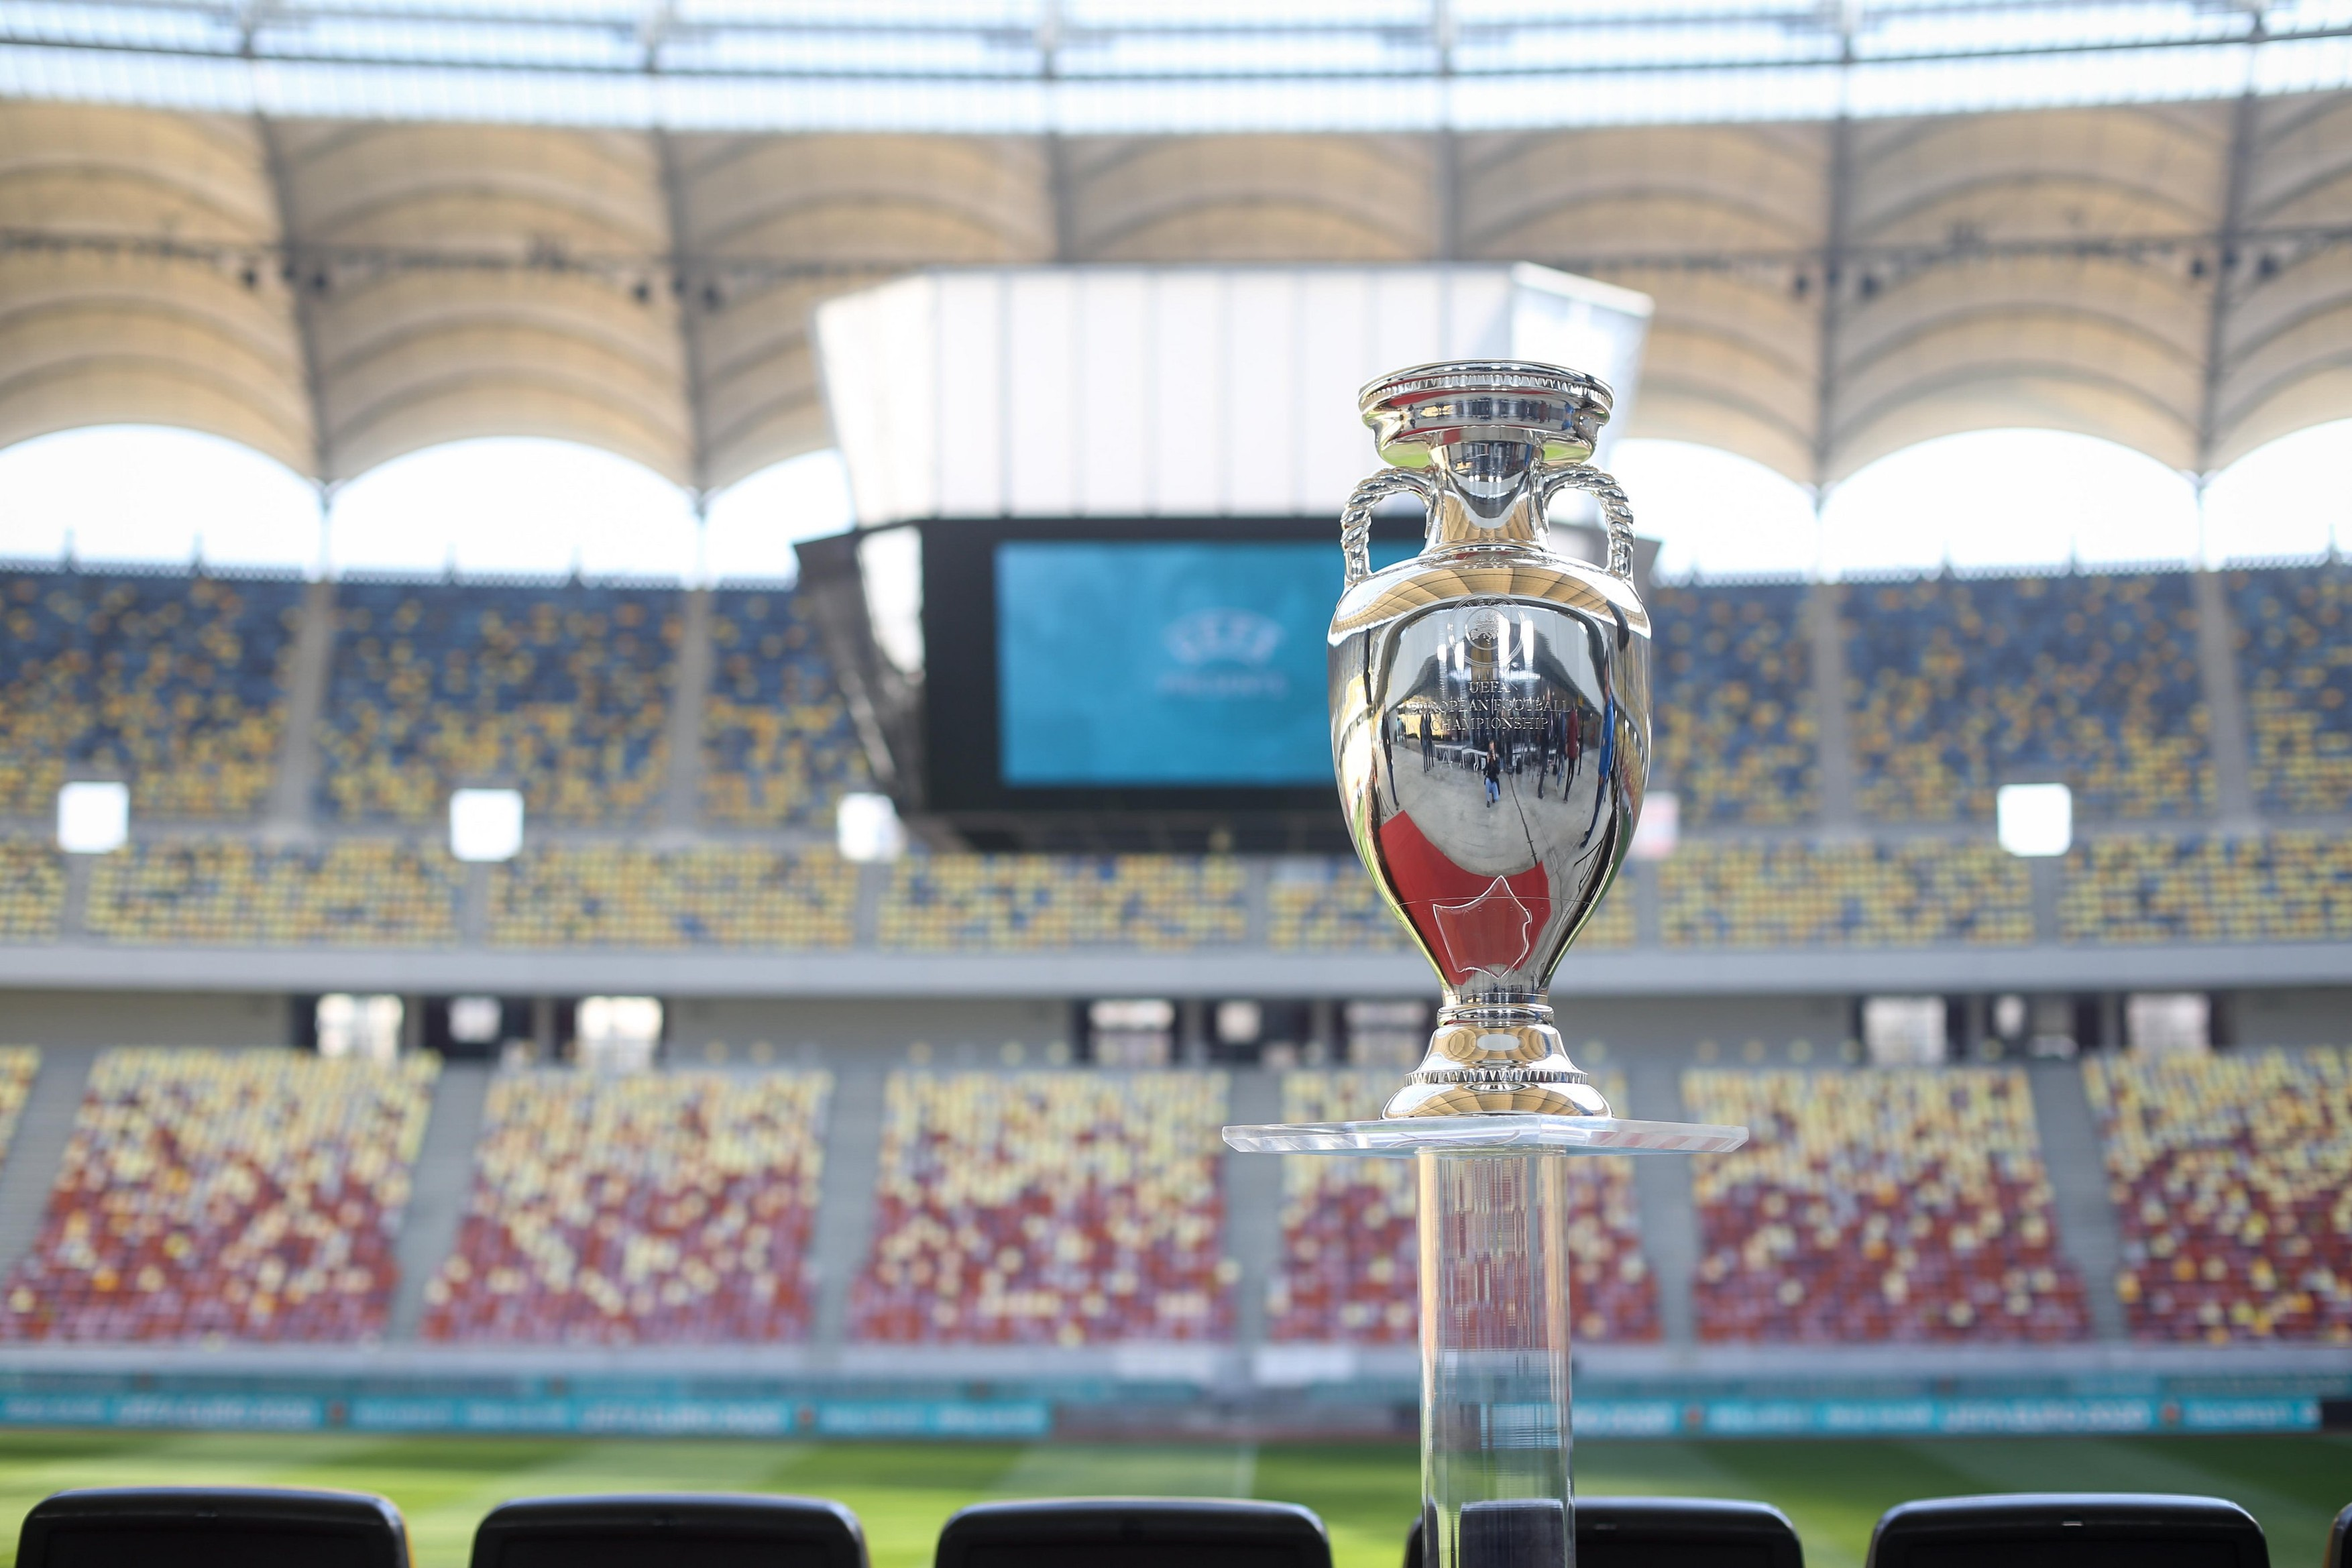 Meciurile de la EURO 2020 se vor desfasura cu spectatori. Ministrul Sportului: Un mic castig in fata pandemiei. Ne asumam decizia